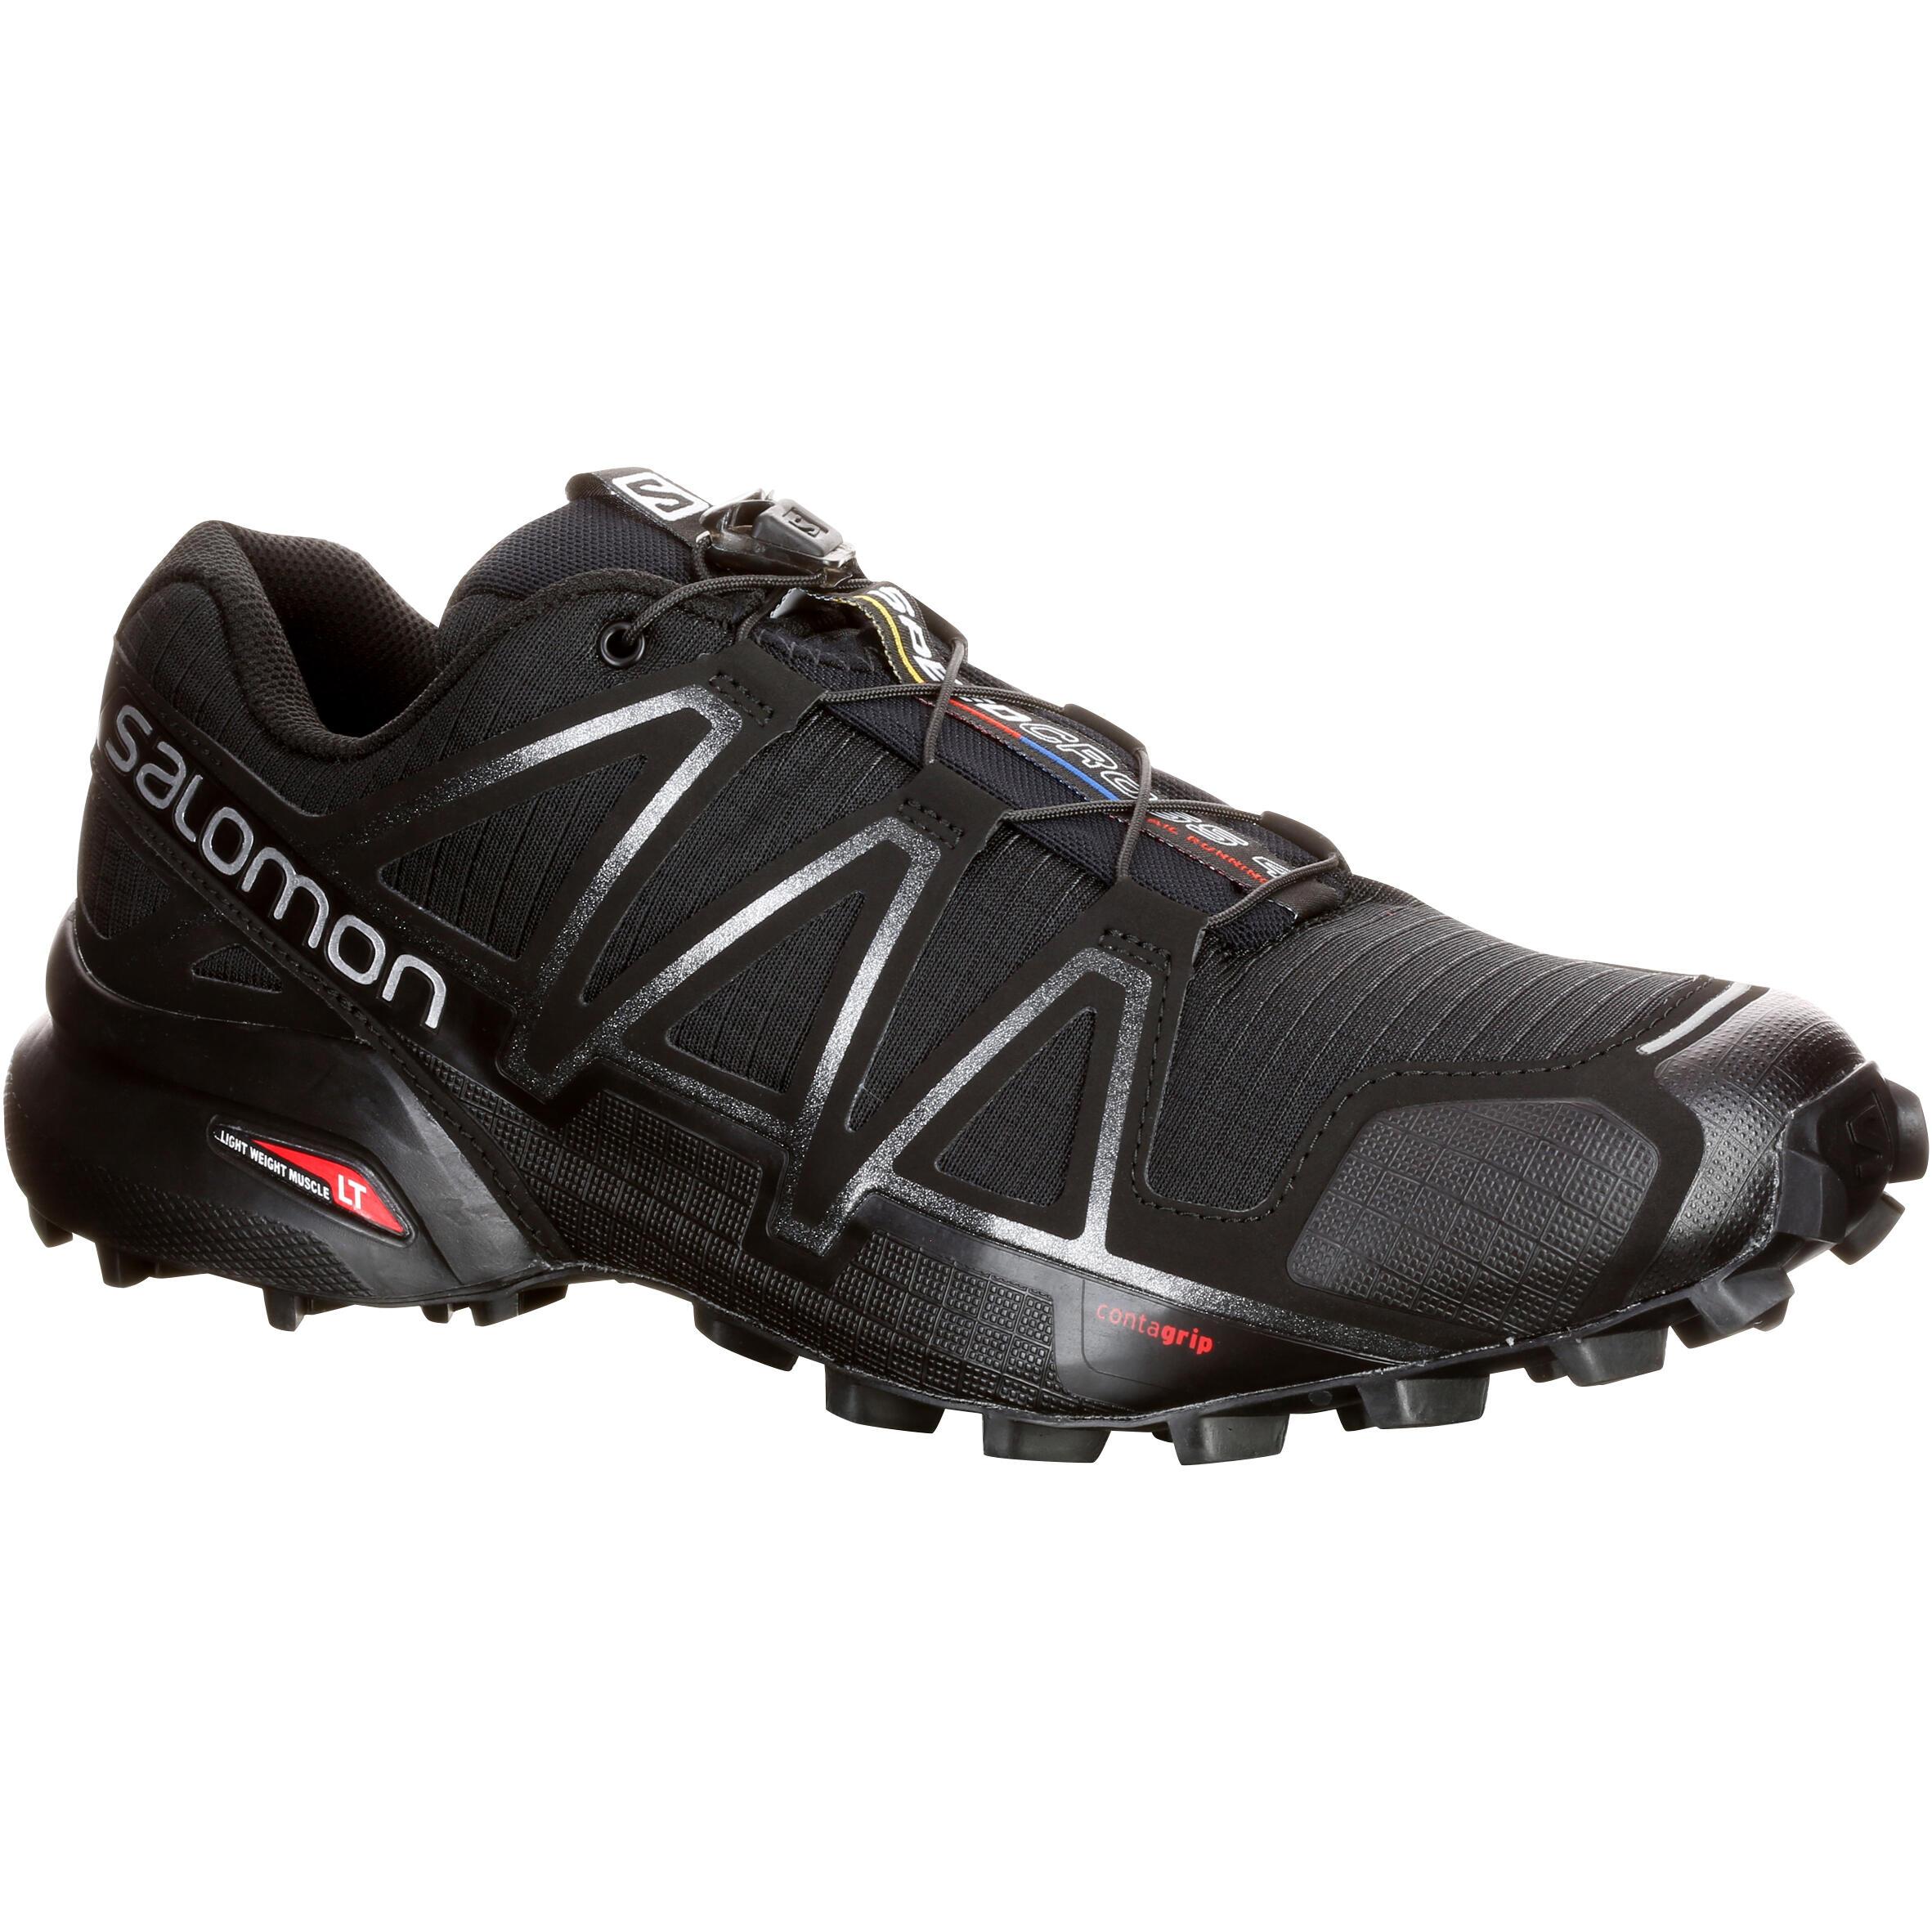 decathlon chaussures homme